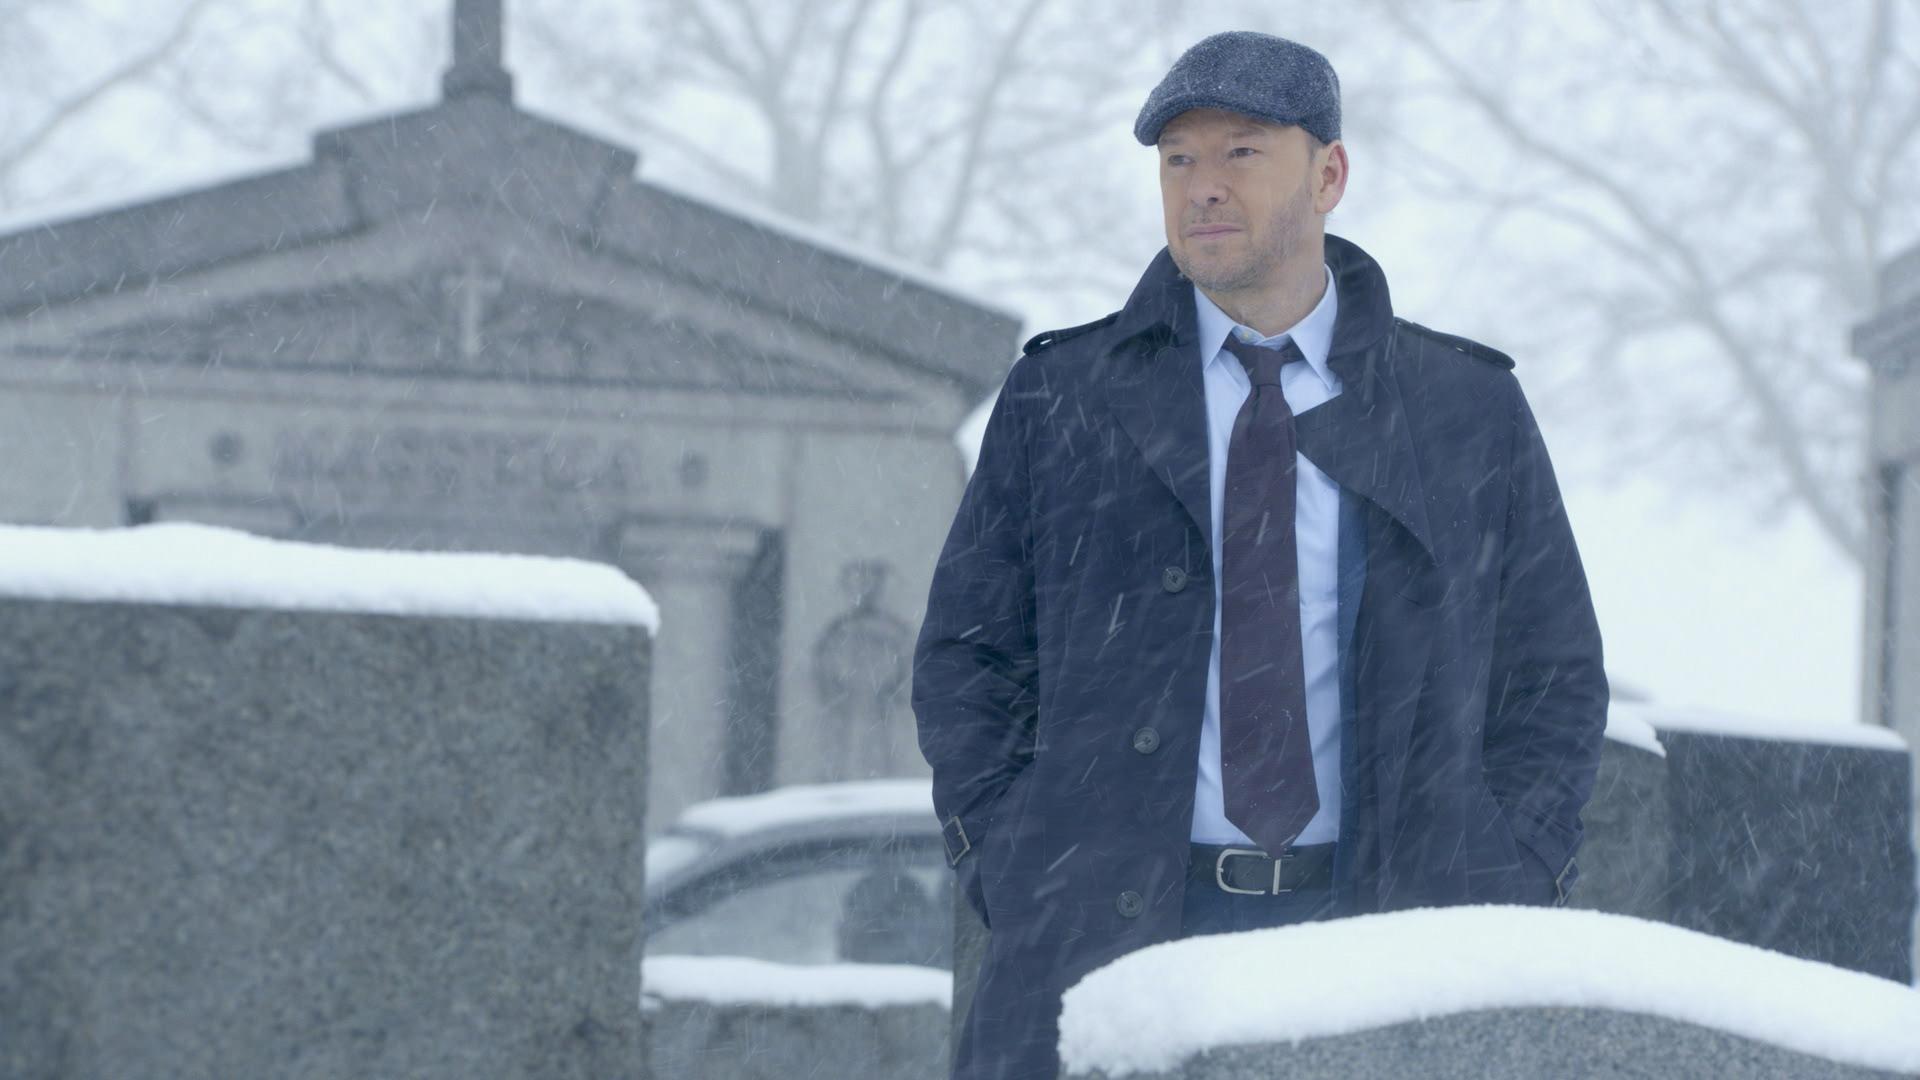 blue bloods season 8 episode 22 watch online free